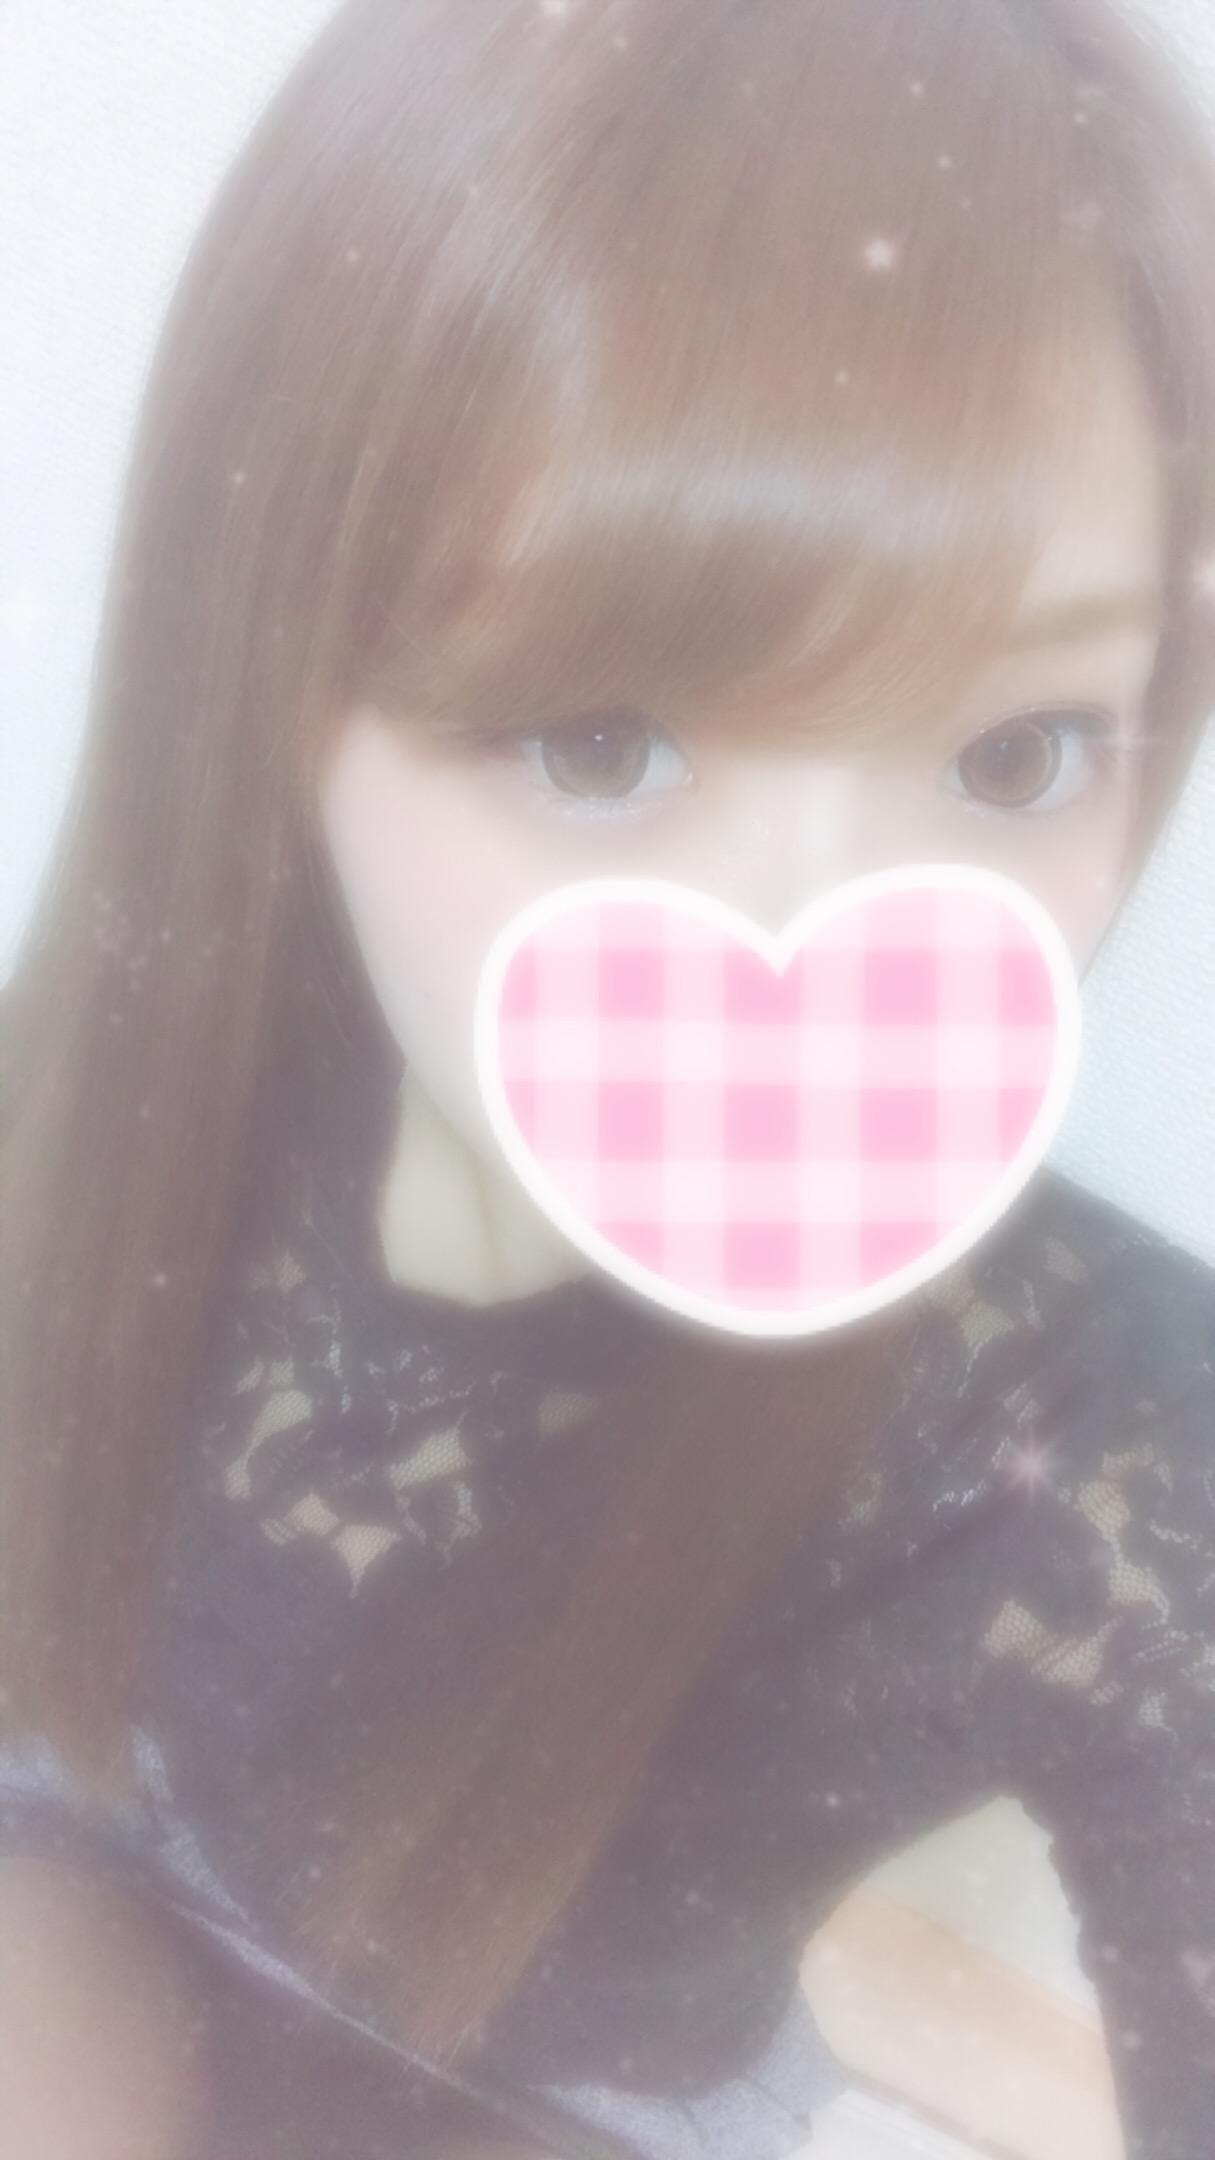 「ハッピーキスのおにいさん」03/19(03/19) 14:09 | めぐなの写メ・風俗動画